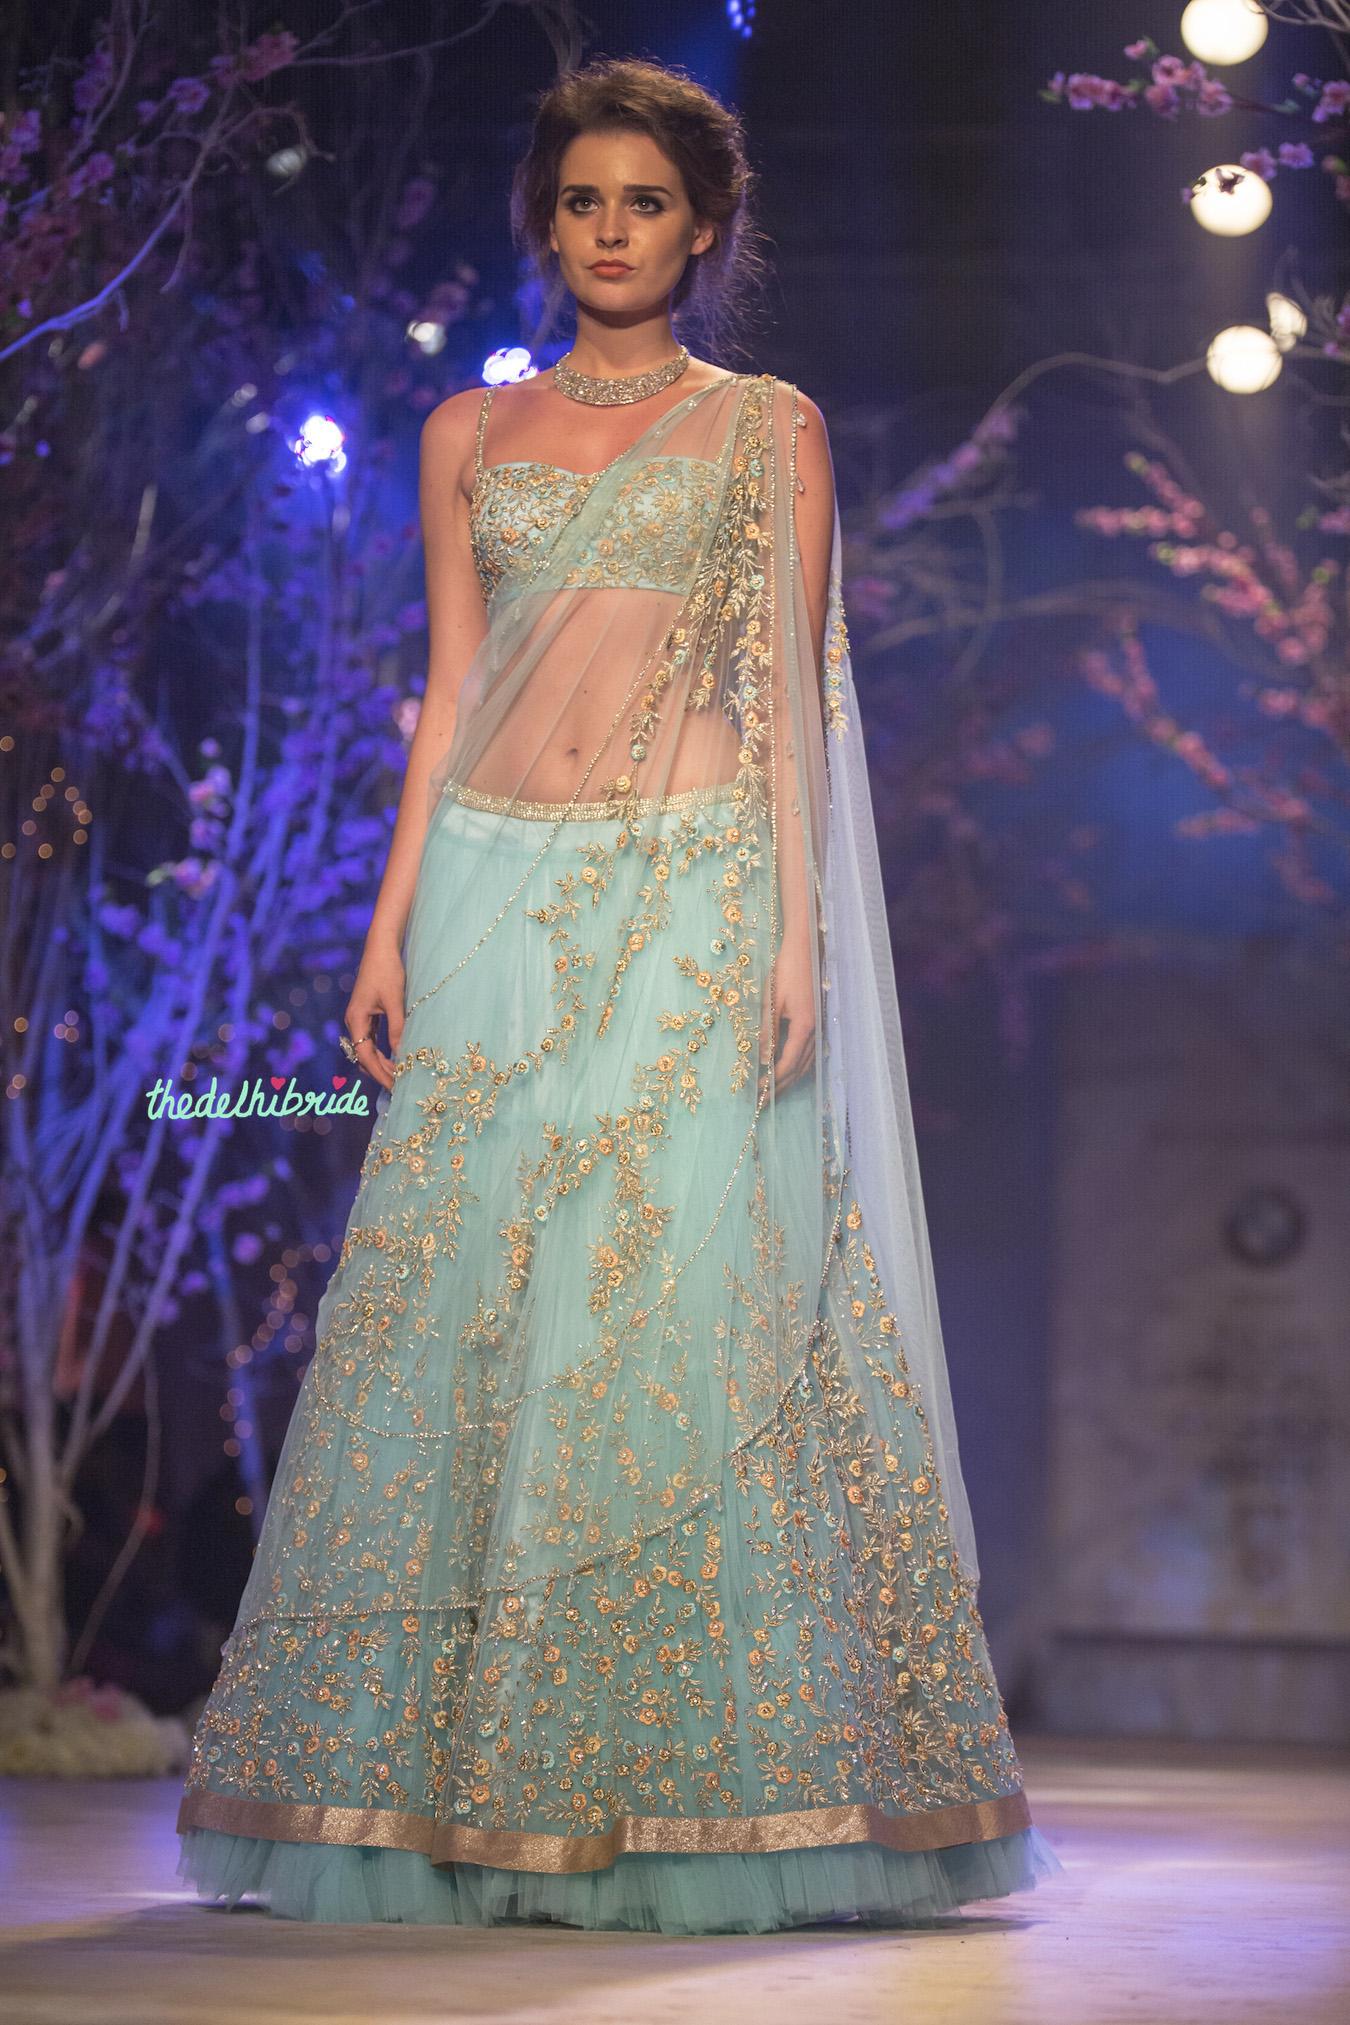 Jyotsna Tiwari At India Bridal Fashion Week 2014 An Indian Wedding Blog